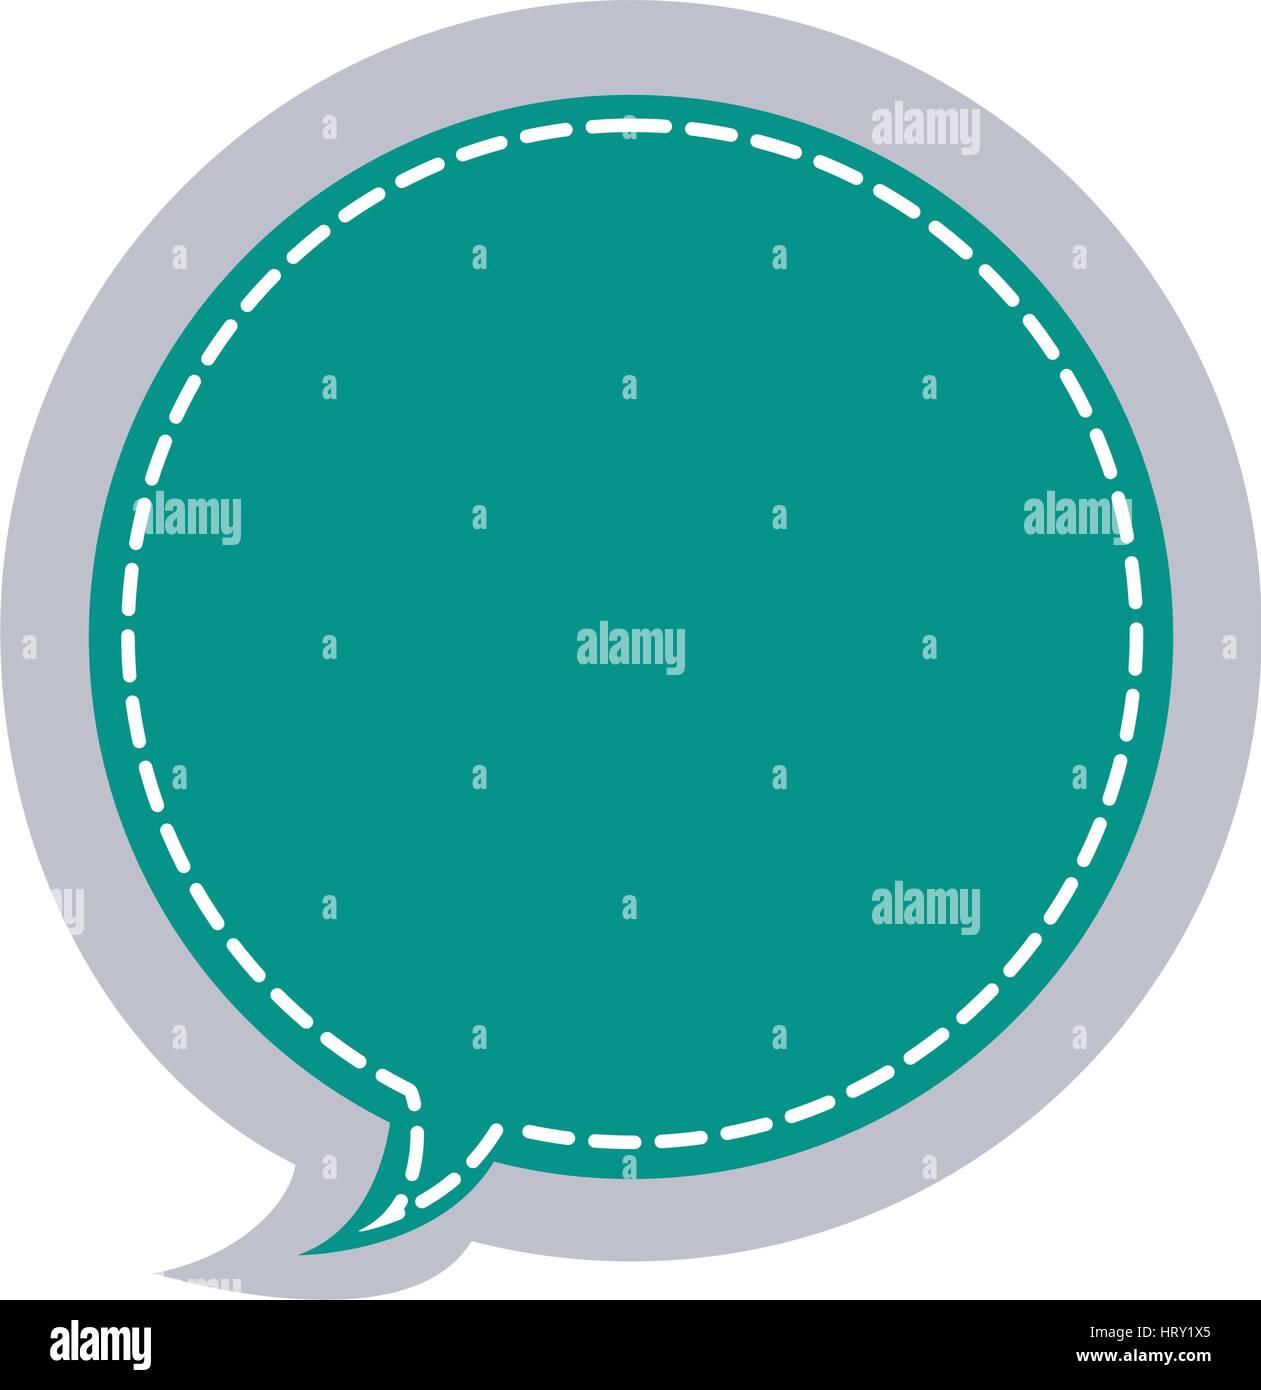 Dialogue Balloon Stockfotos & Dialogue Balloon Bilder - Alamy